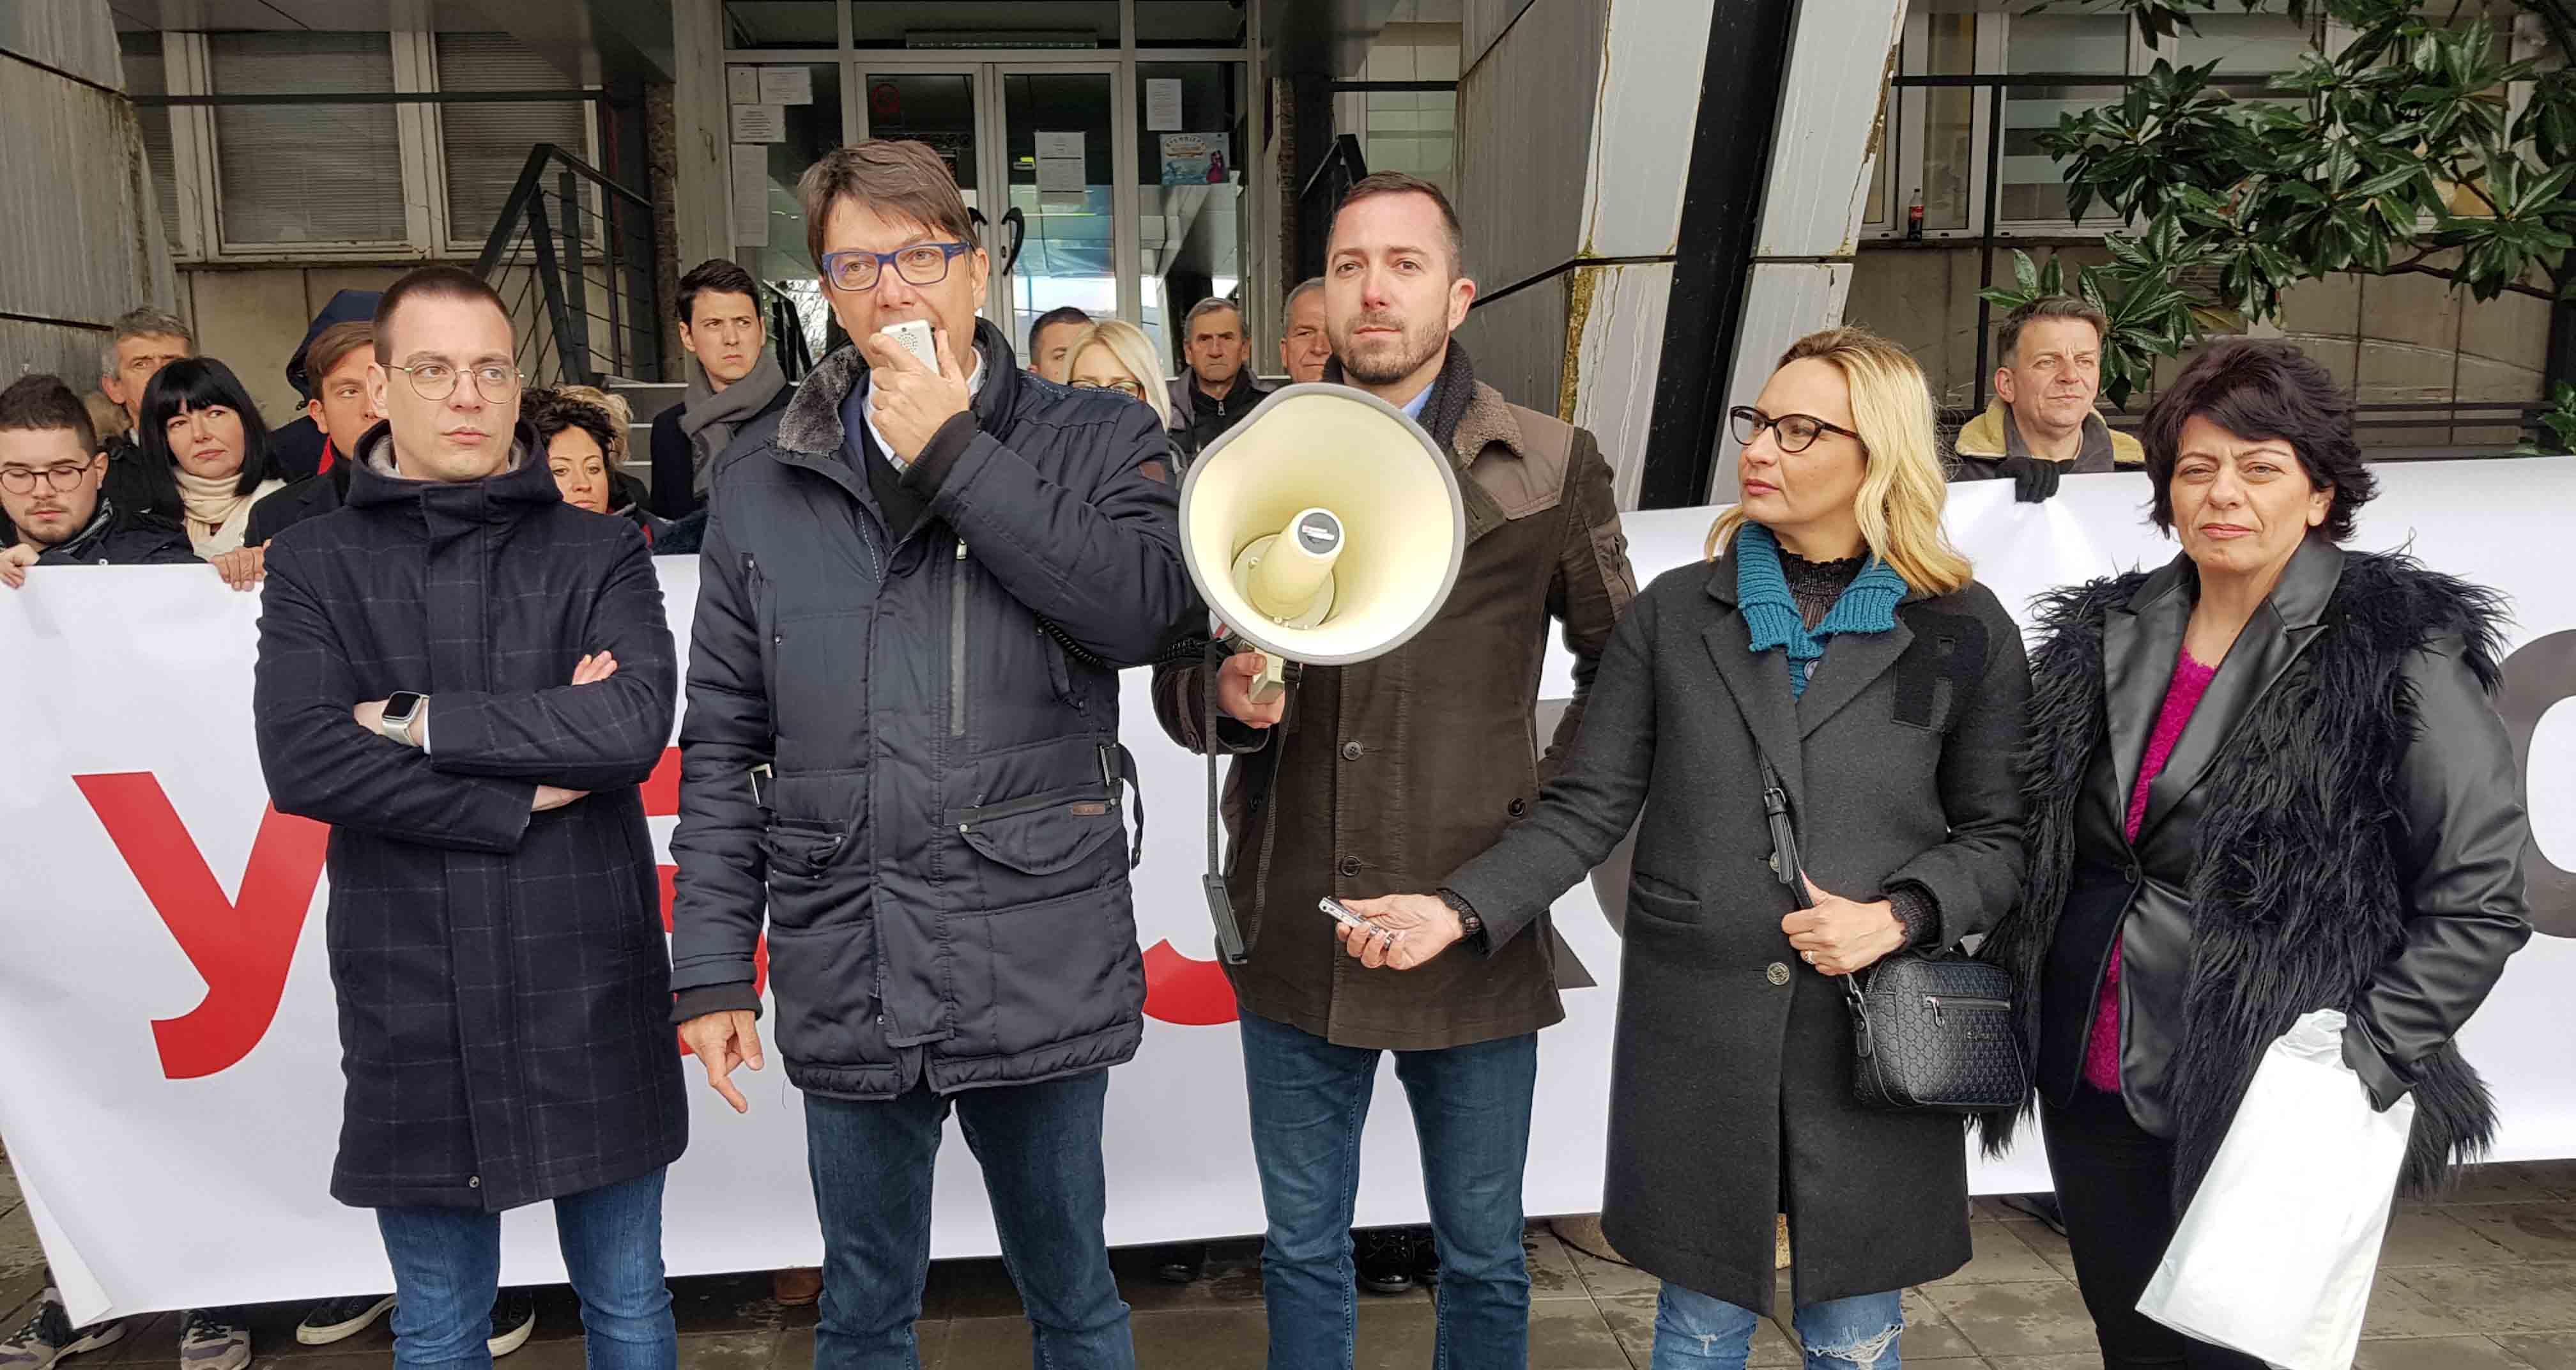 Јовановић: Упозоравам СНС да не злоупотребљава полицију у обрачуну са опозицијом